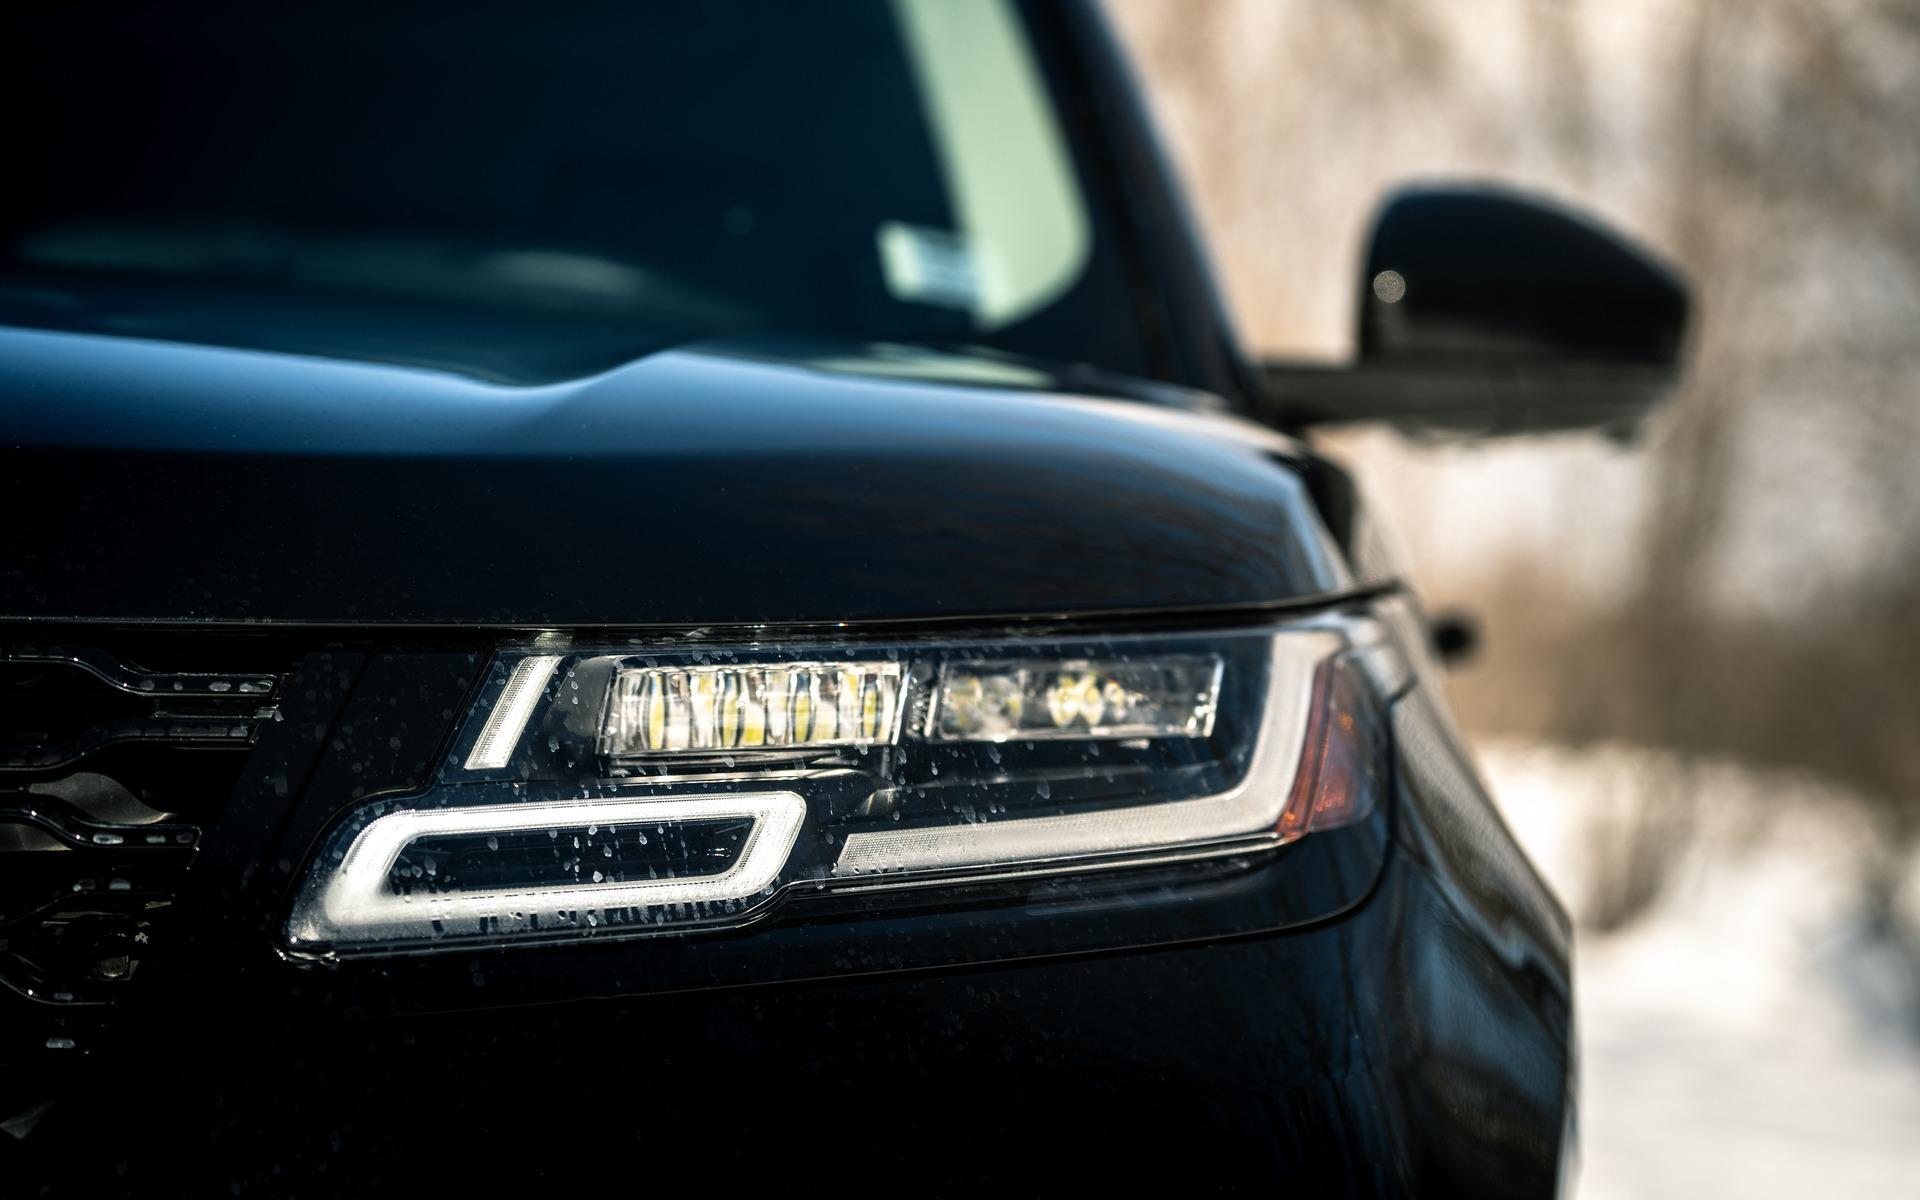 Range Rover Velar 2019 : battre la concurrence avec le style 365793_Range_Rover_Velar_2019_battre_la_concurrence_avec_le_style